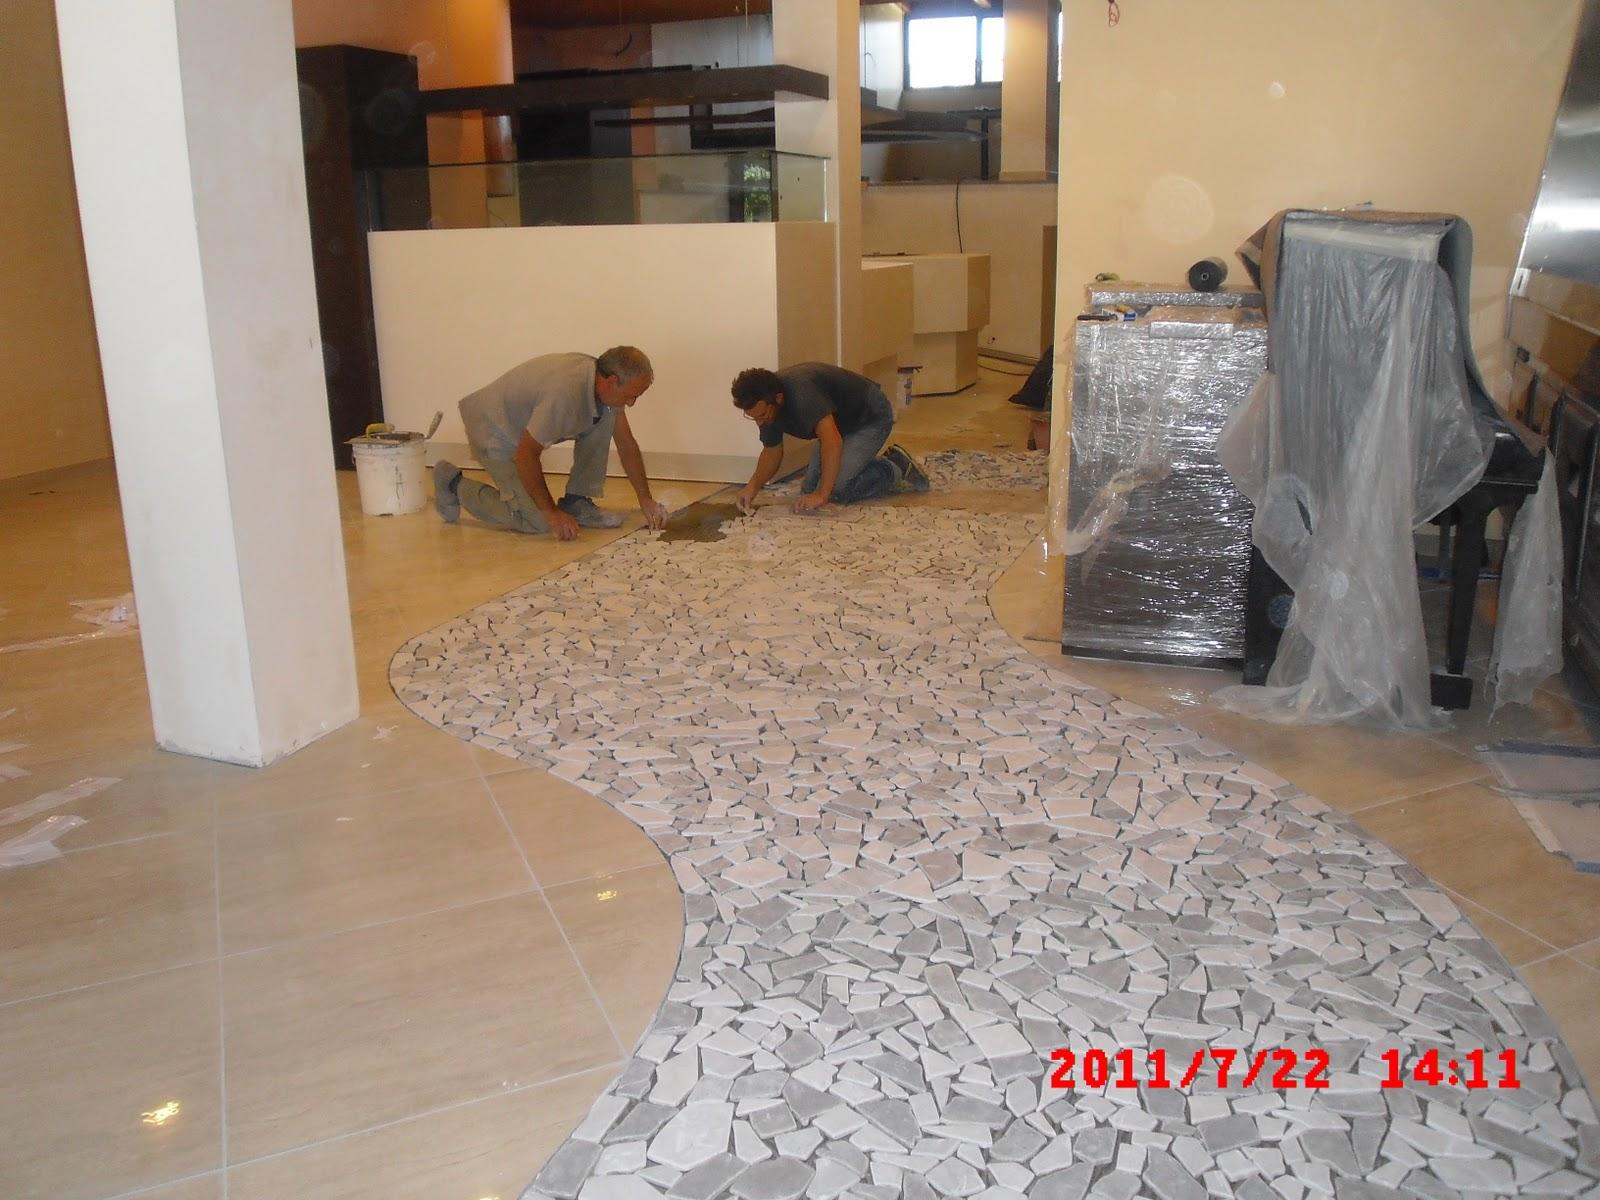 Piastrelle bianche con venature grigie abbinare il pavimento al